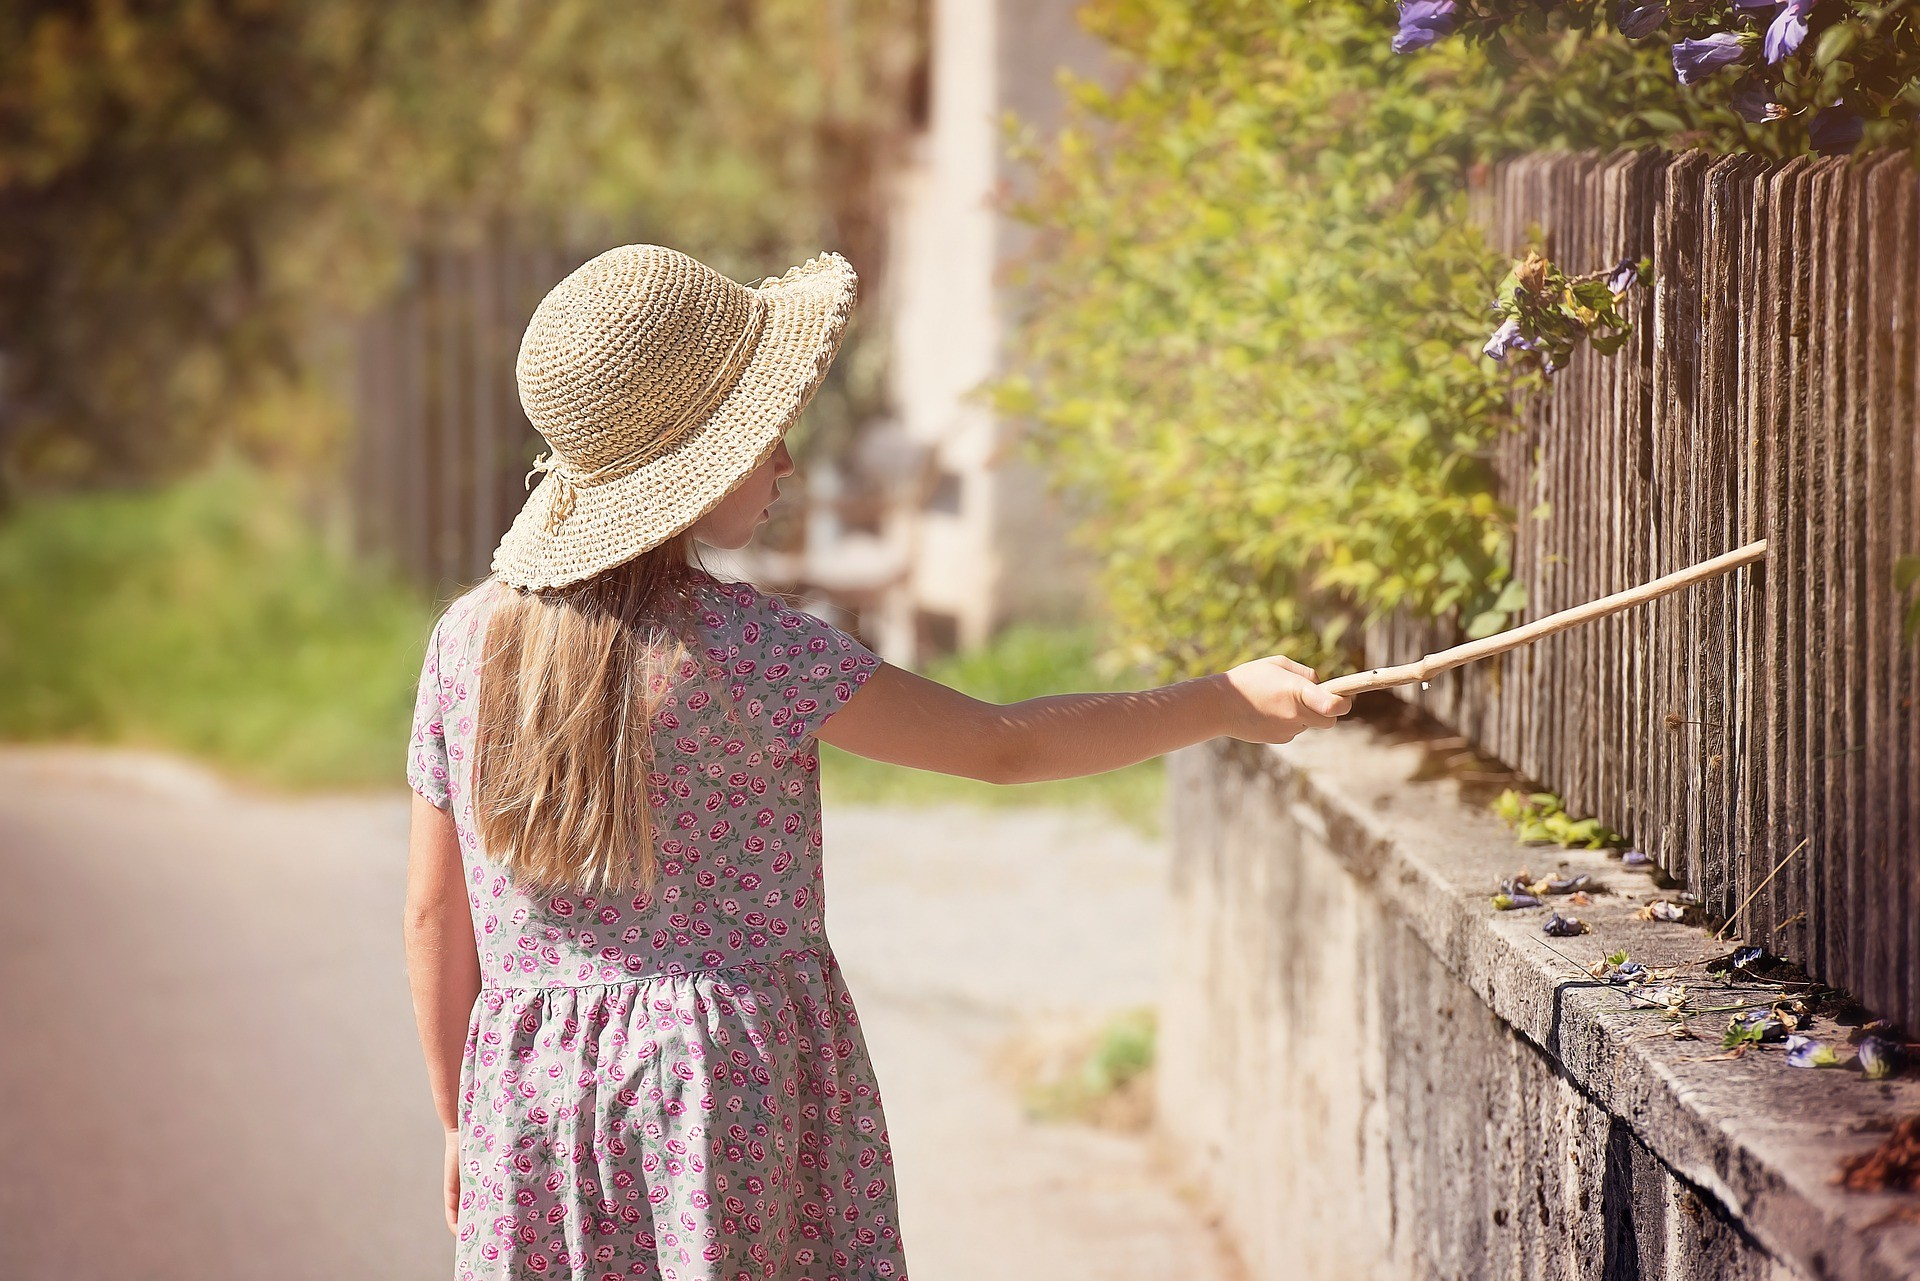 детство девочка и палка забор ребёнок